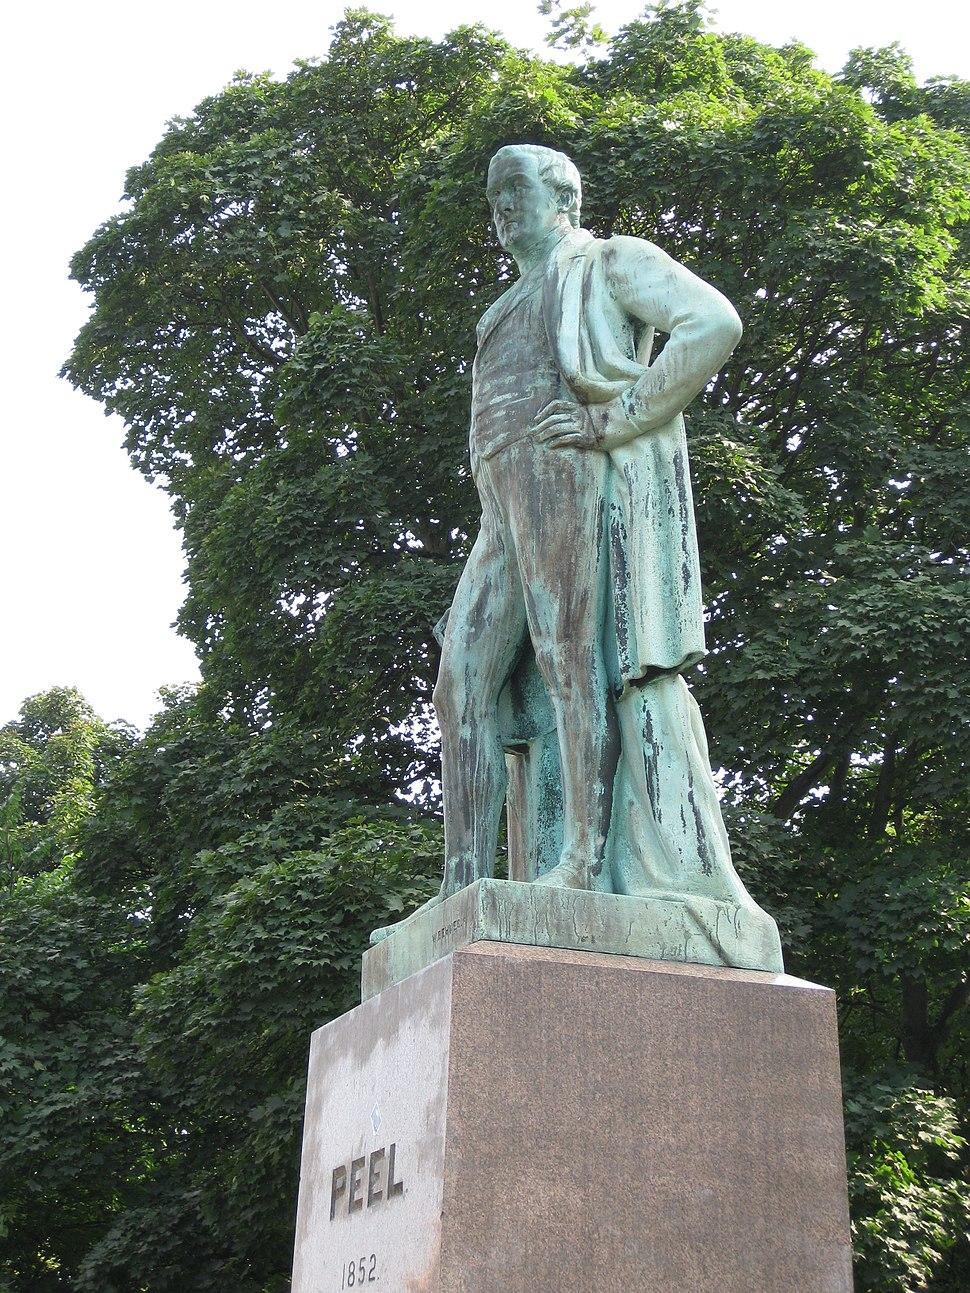 Peel Statue Leeds